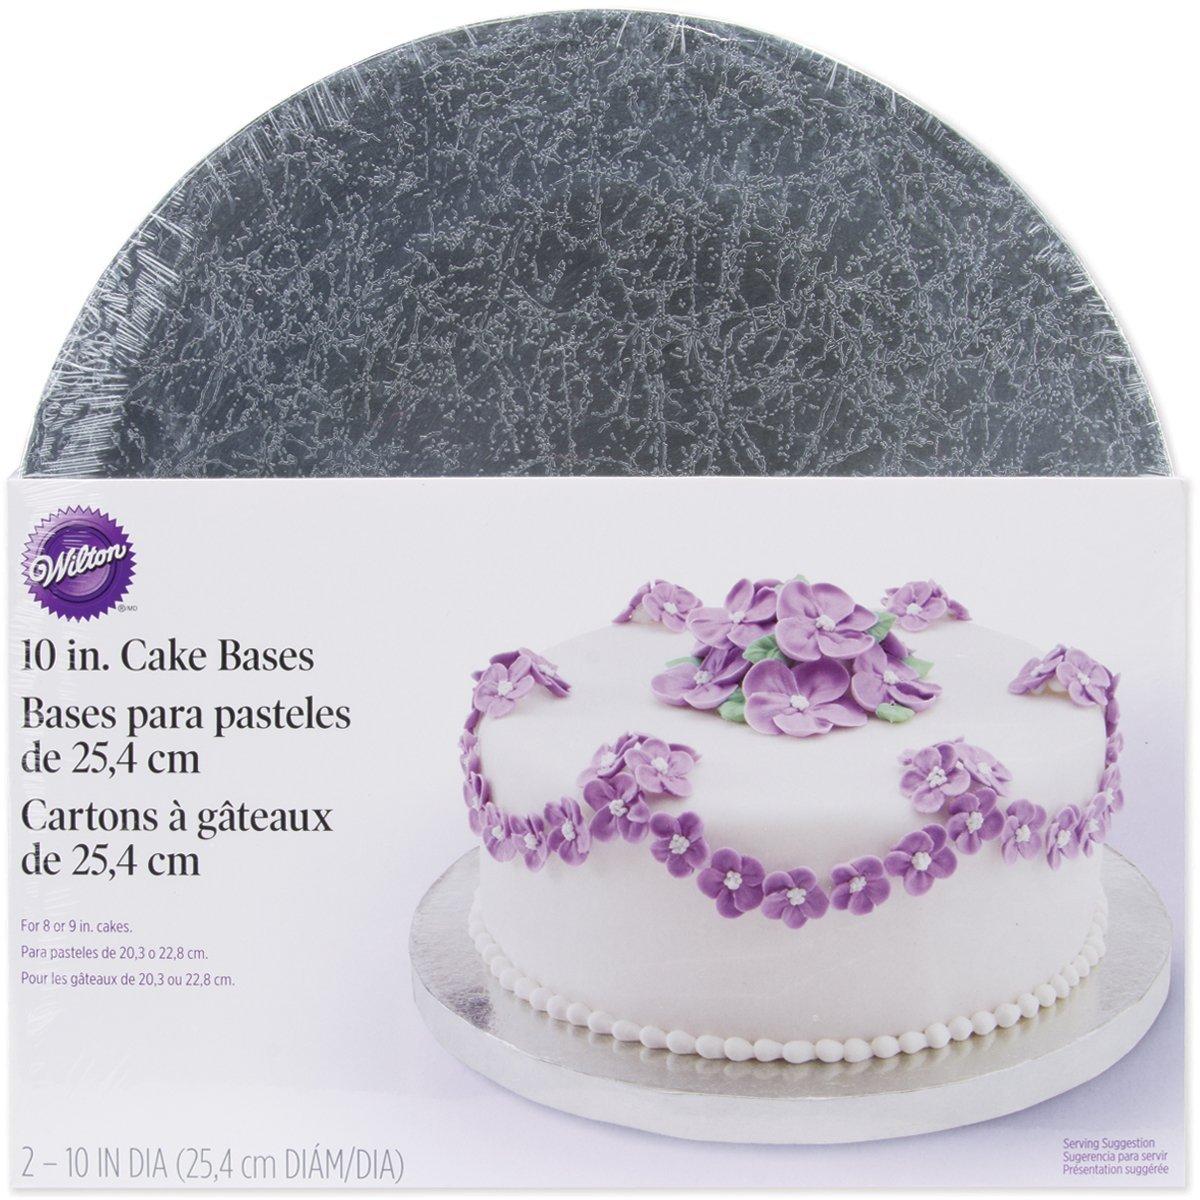 Набор подставок для торта Wilton, диаметр 25,4 см, 2 штWLT-2104-1187Набор Wilton включает две круглые подставки для торта, выполненные из гофрокартона с жироустойчивым покрытием. Подставки достаточно надежные, чтобы выдержать довольно тяжелый торт с большим количеством украшений. Идеальны для любых видов тортов. Диаметр подставок идеален, чтобы украсить торт по краю кремовыми жемчужинами или ленточками.С такими подставками вы всегда сможете красиво оформить вашу выпечку.Диаметр подставки: 25,4 см. Толщина подставки: 1,5 см.